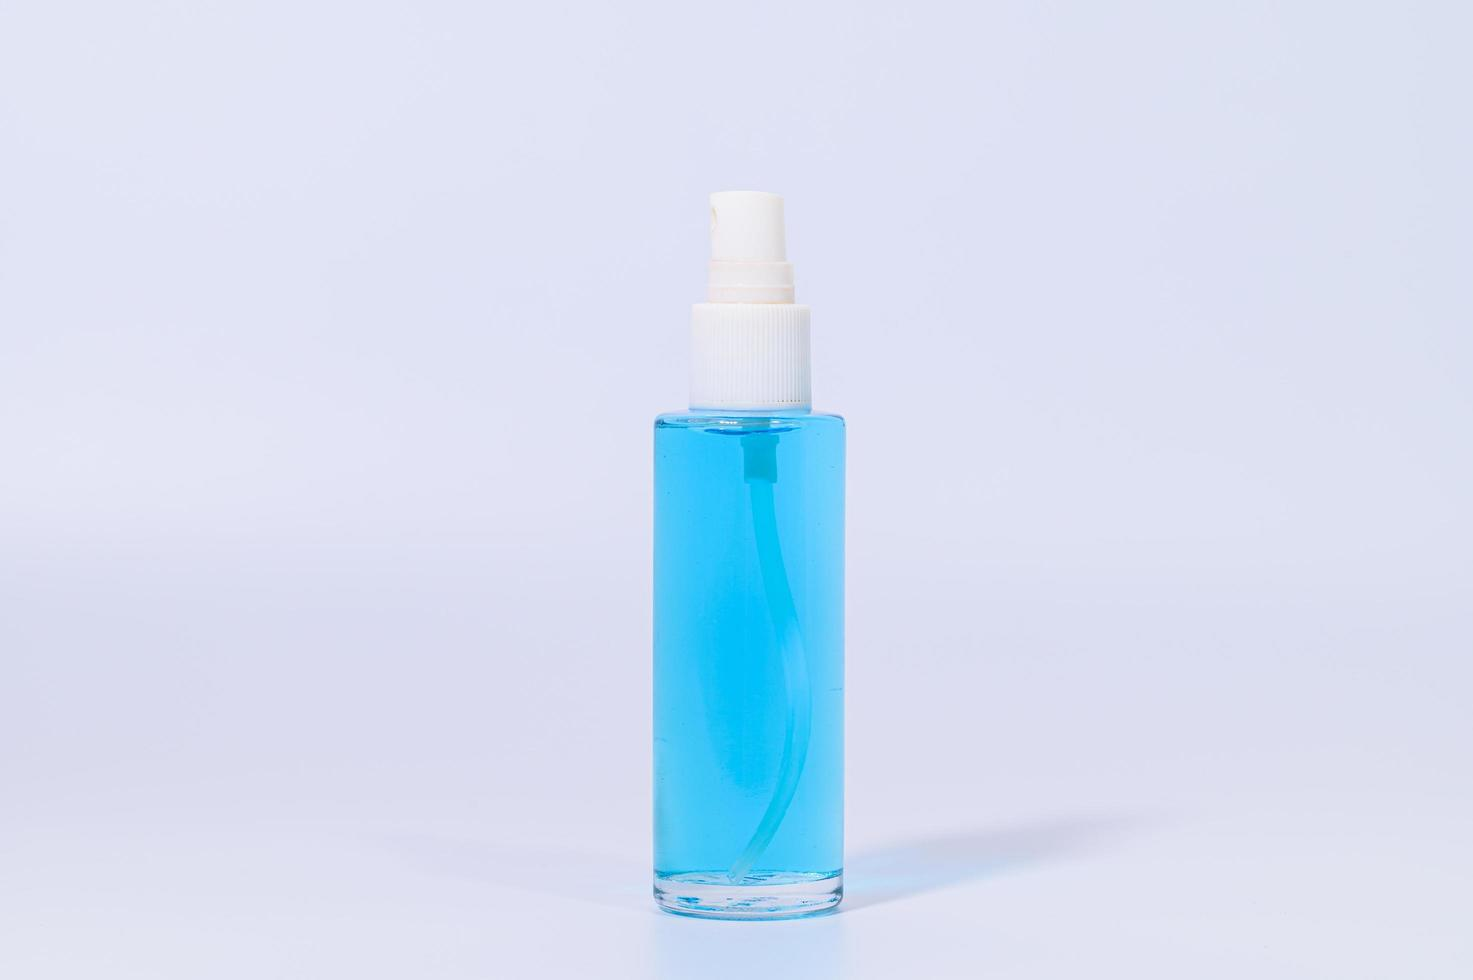 alkoholgel med blå vätska foto